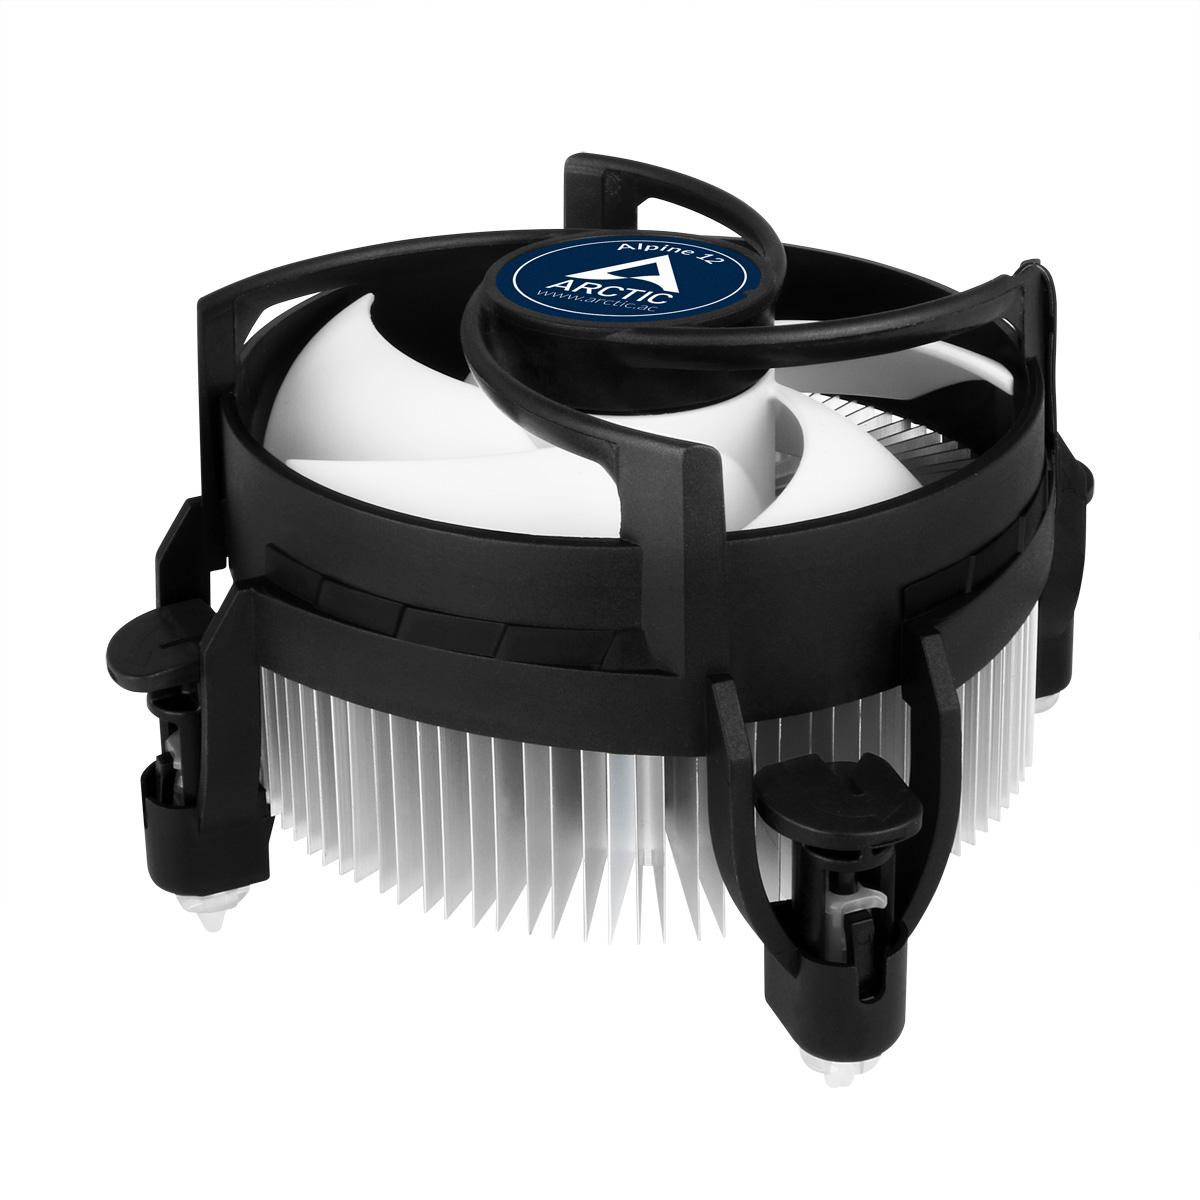 Kompakter Intel CPU-Kühler ARCTIC Alpine 12 Schrägansicht